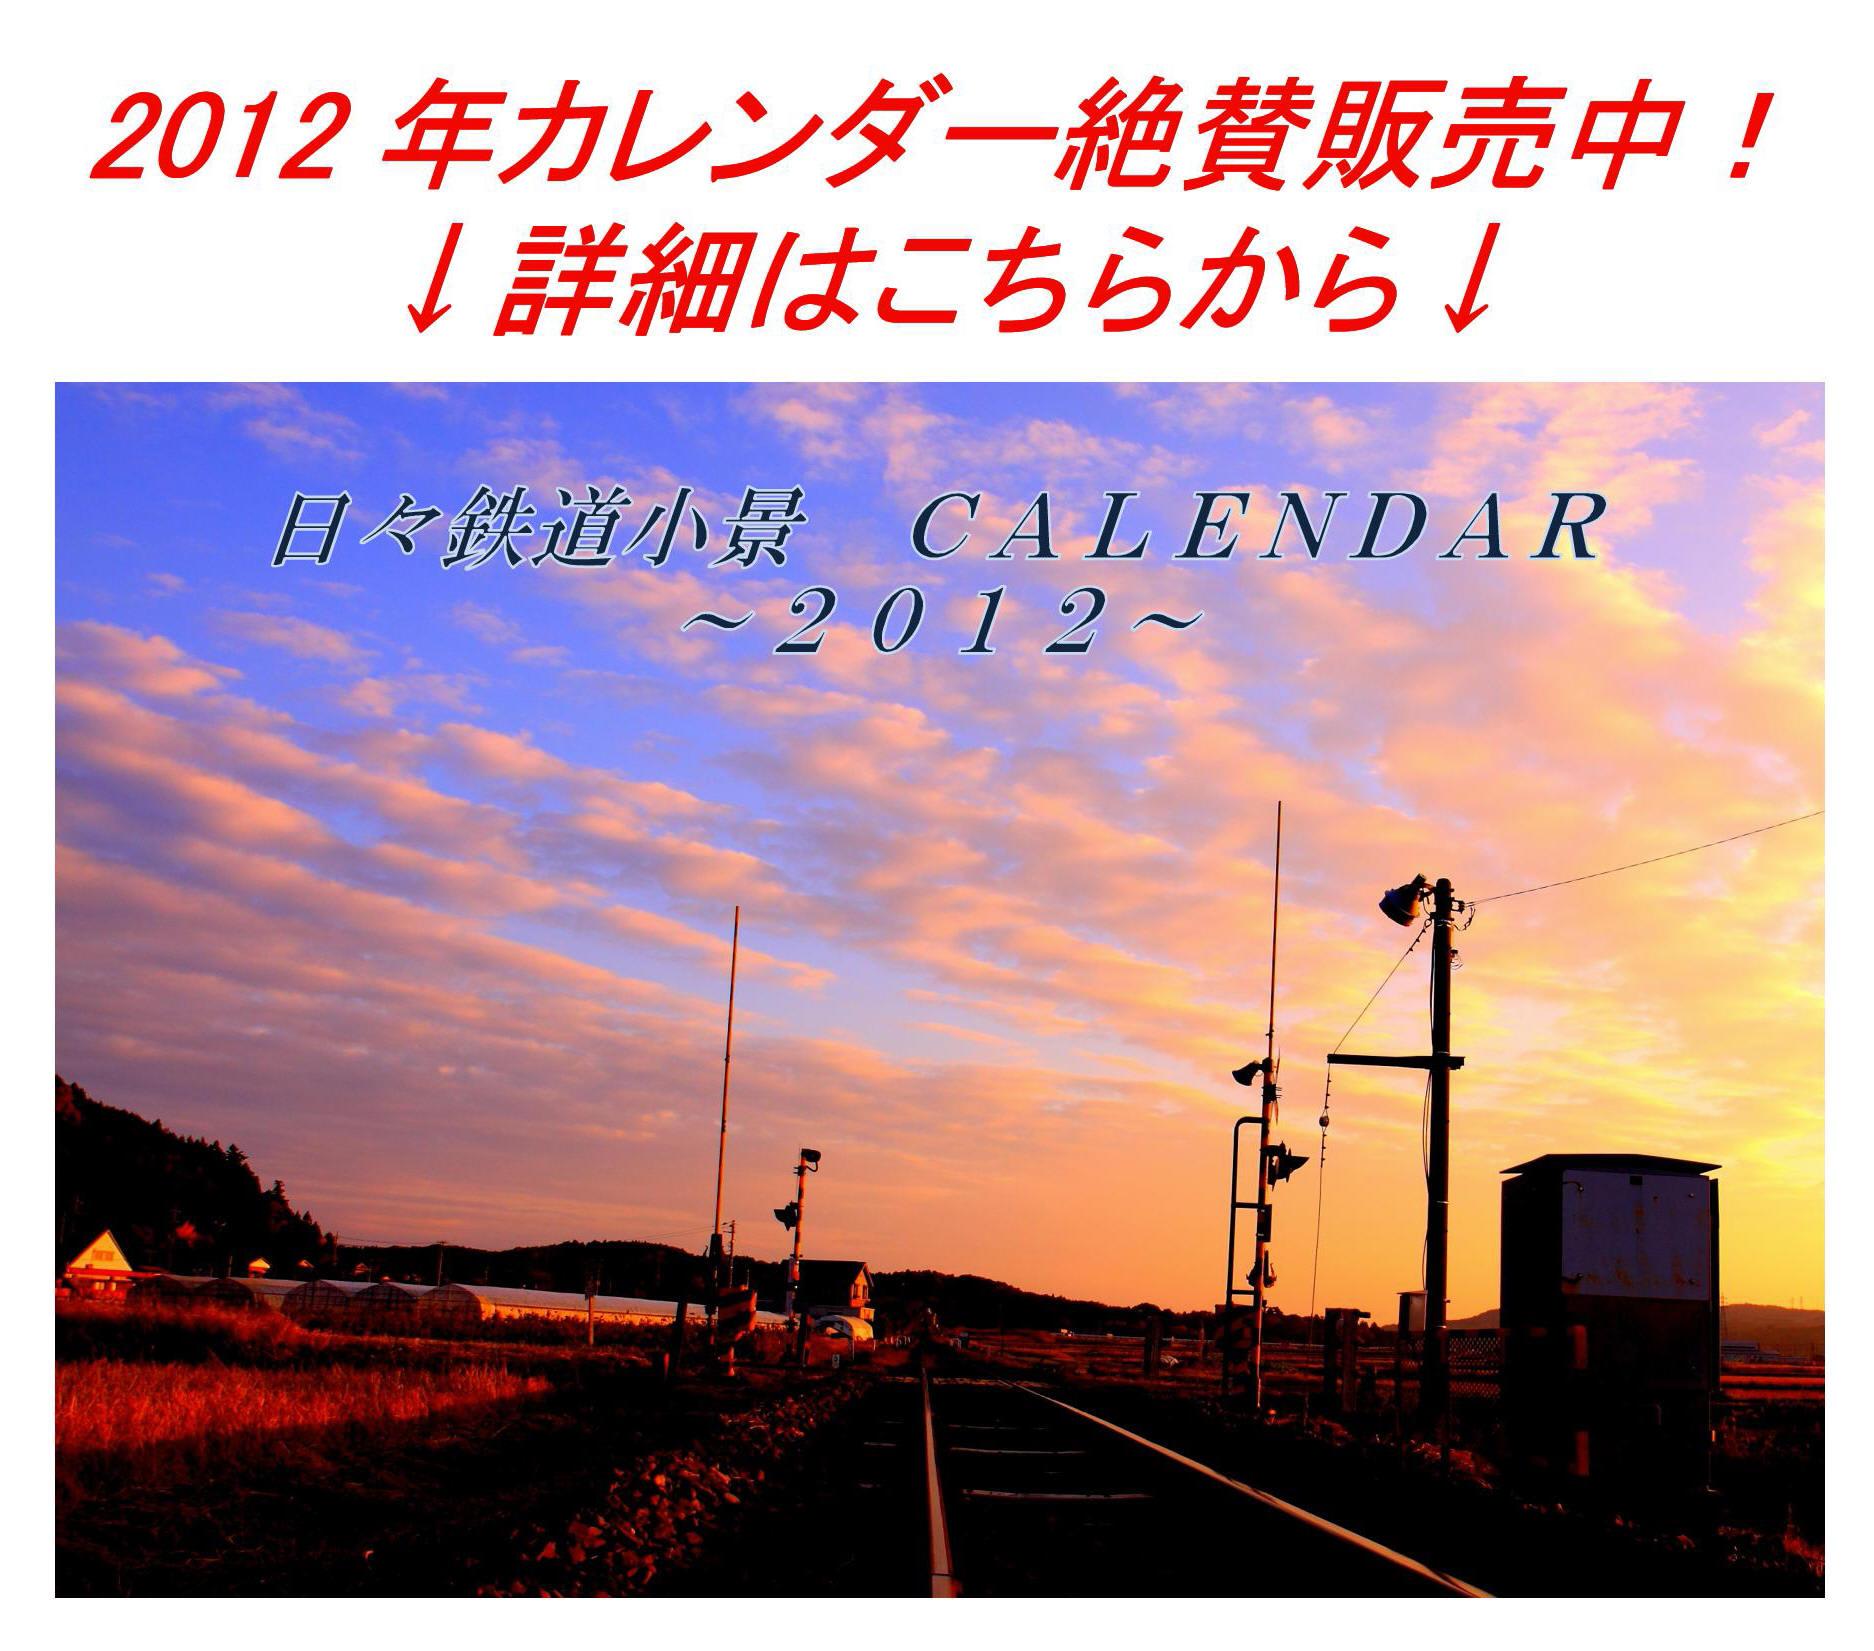 2012年カレンダー頒布について